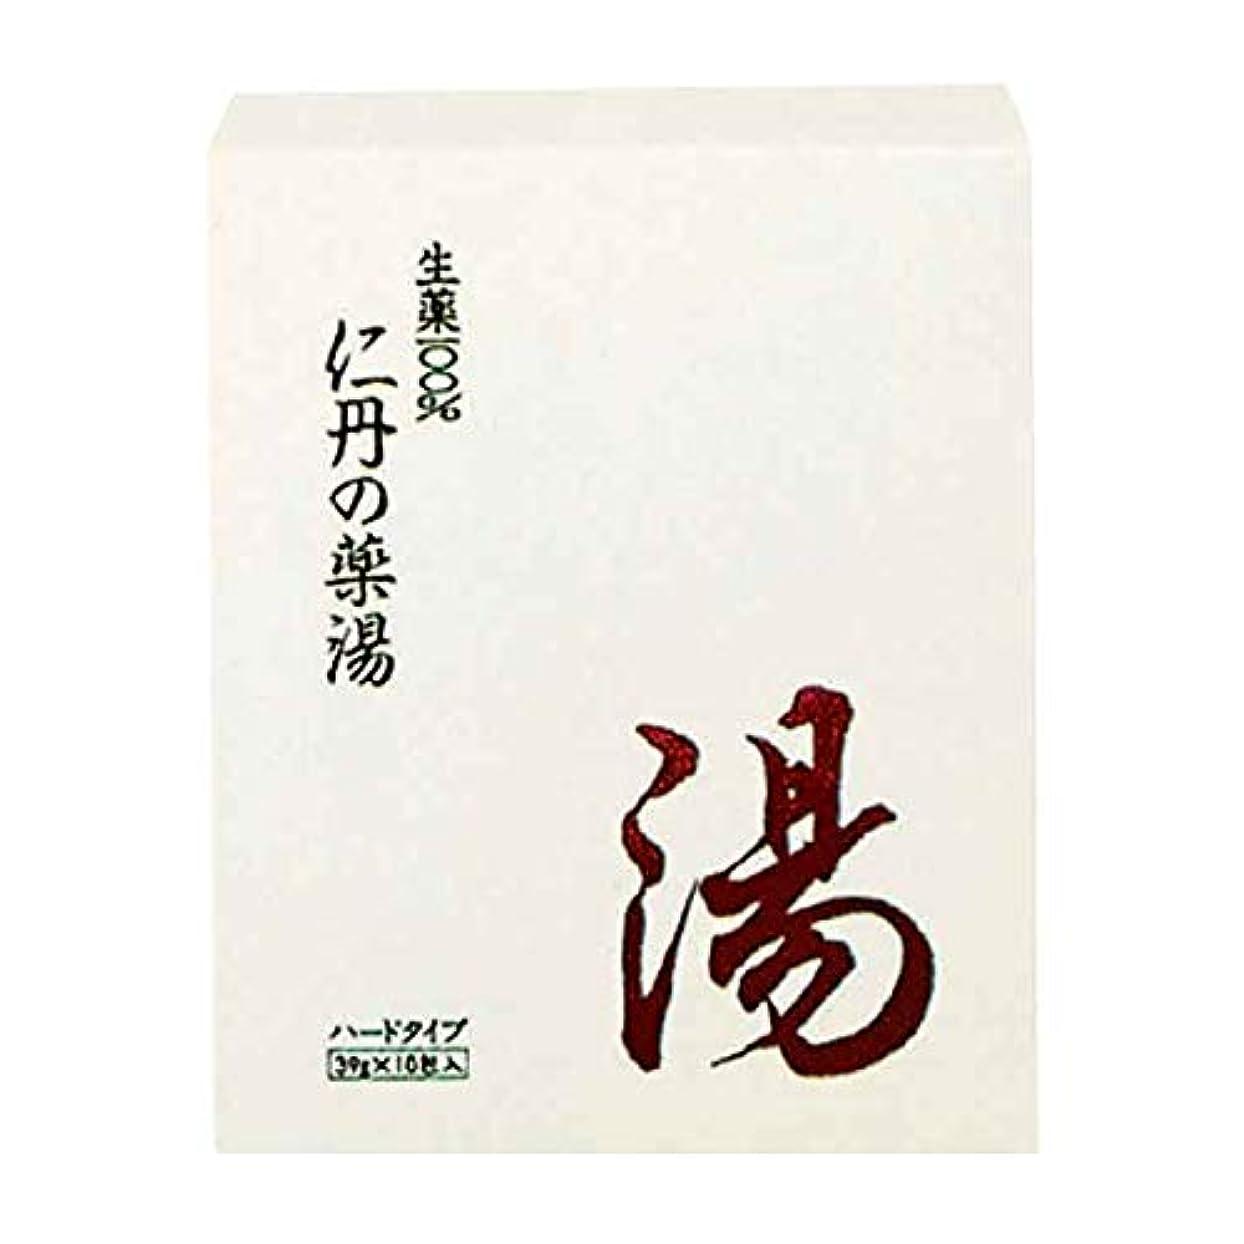 有益な大事にするソーセージ森下仁丹 仁丹の薬湯(ハード) 10包 [医薬部外品]